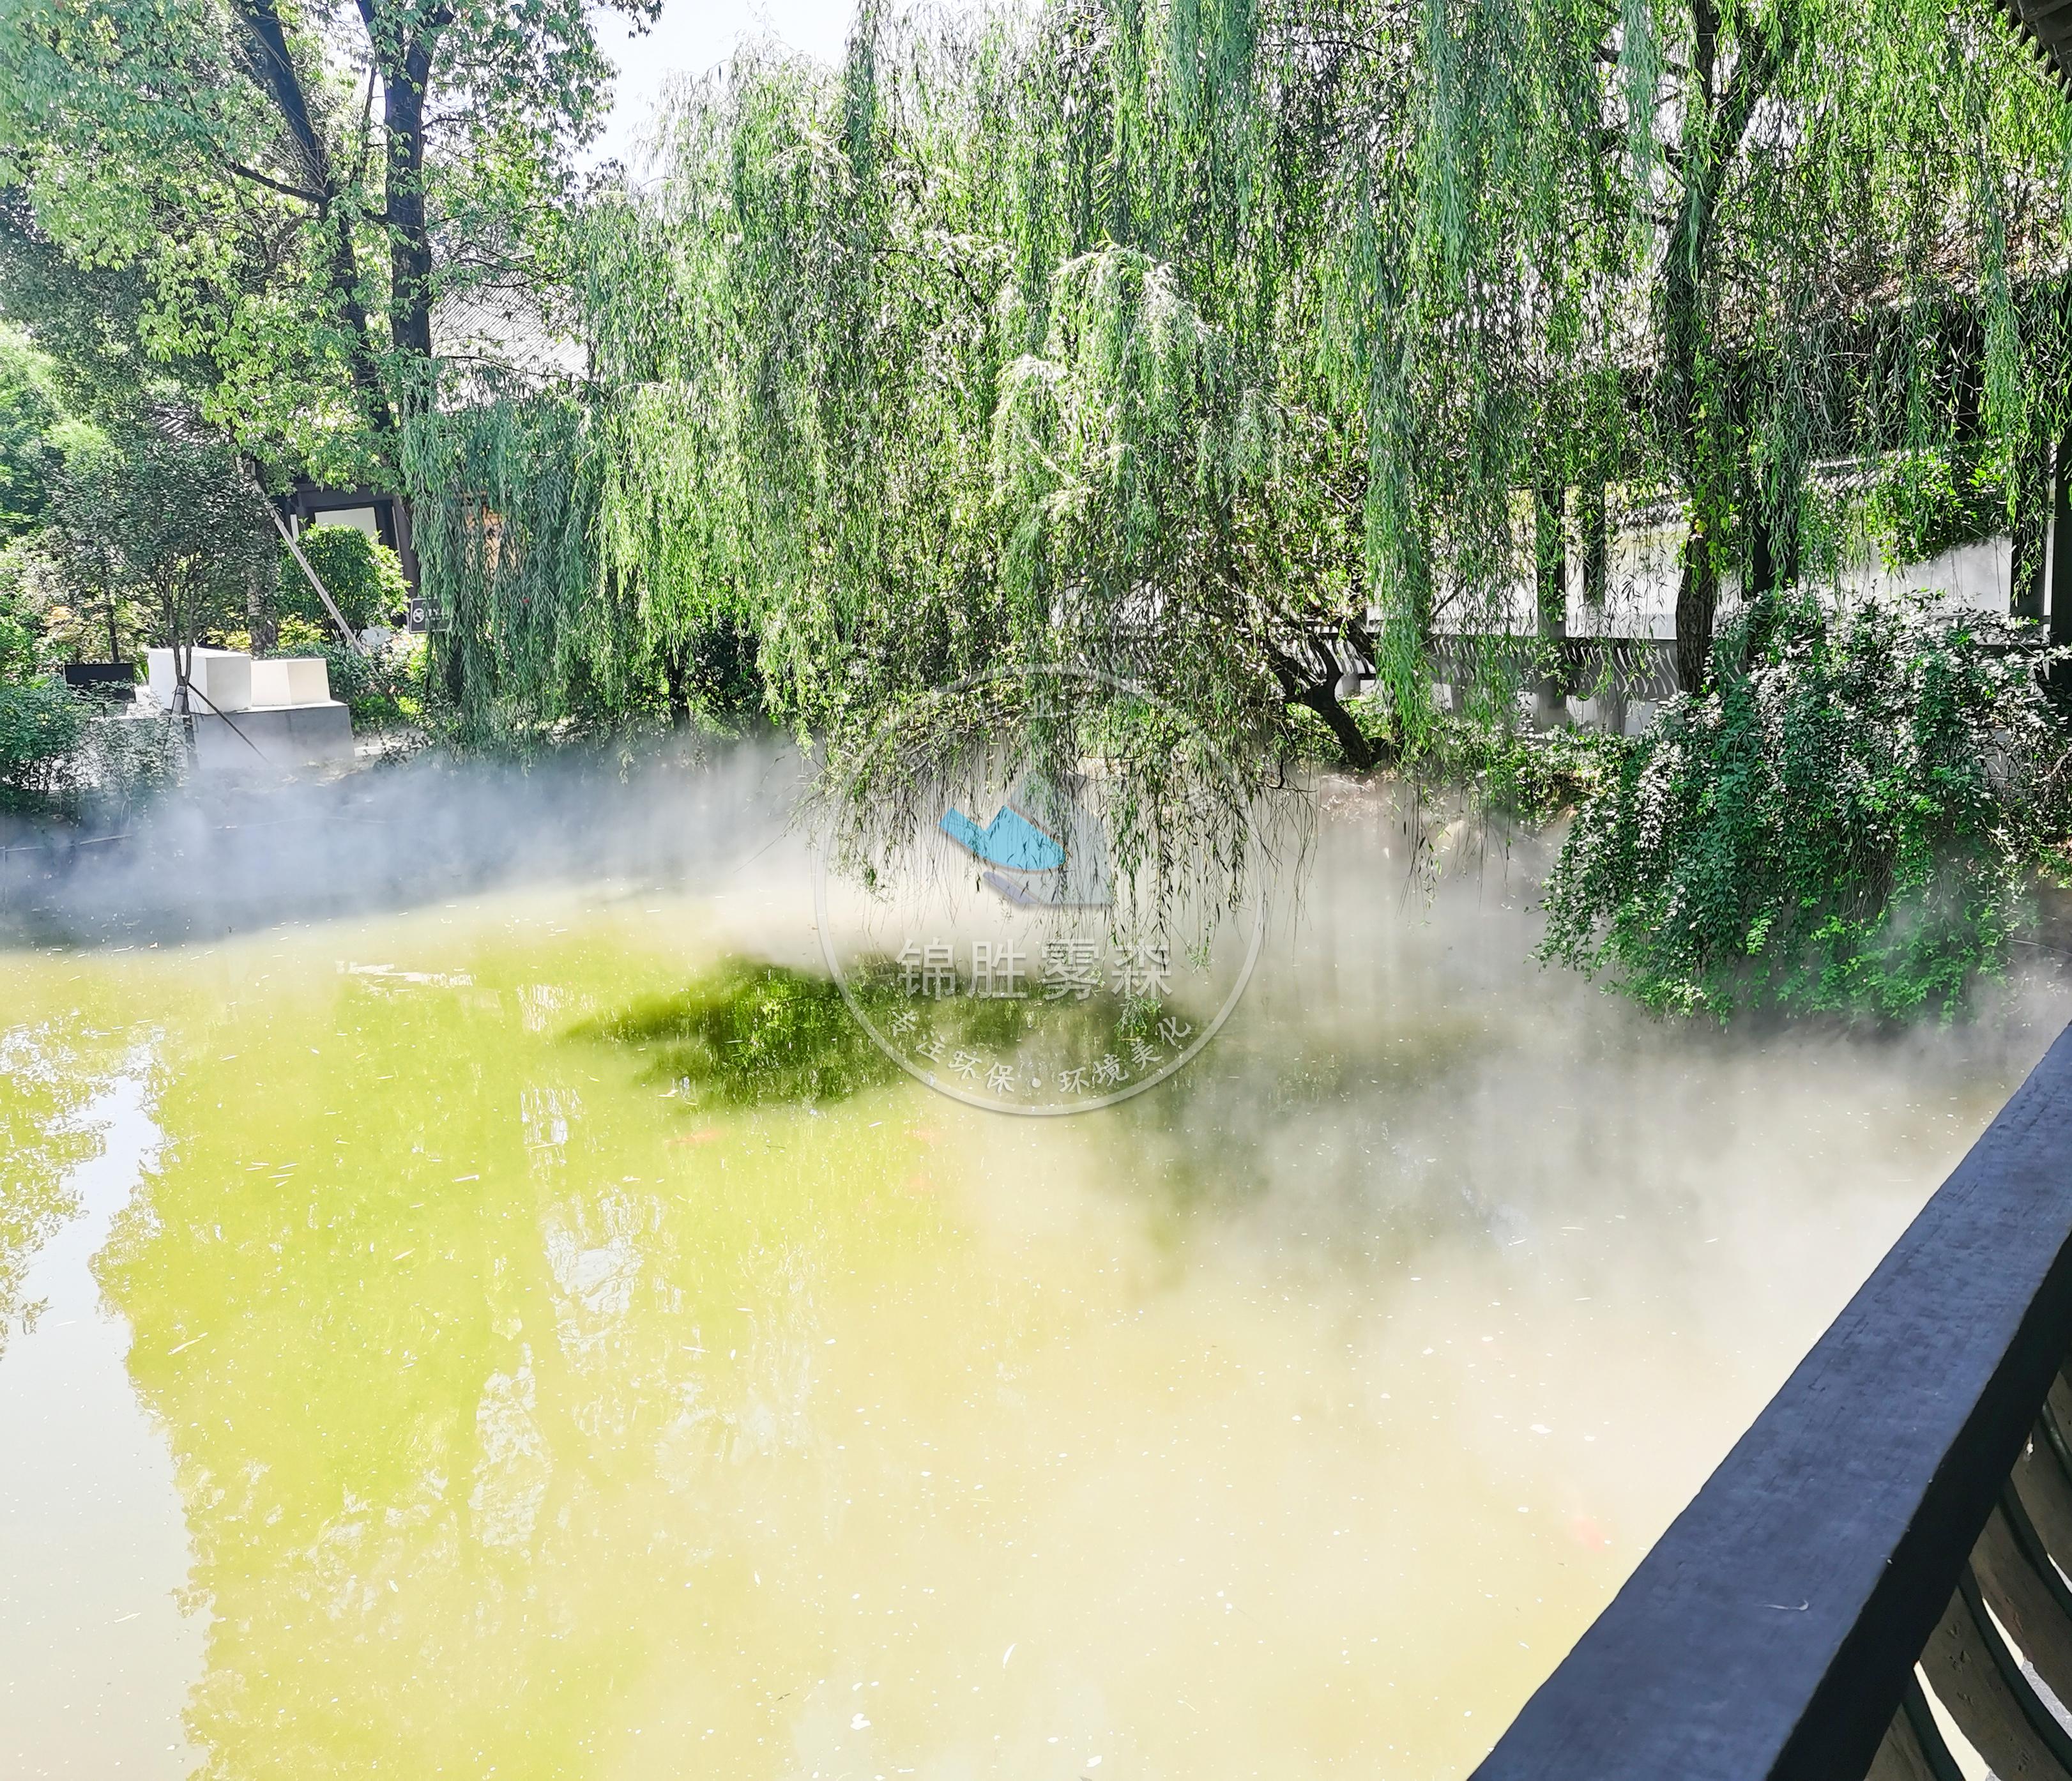 新型环保雾森系统,打造生态健康环境——锦胜雾森